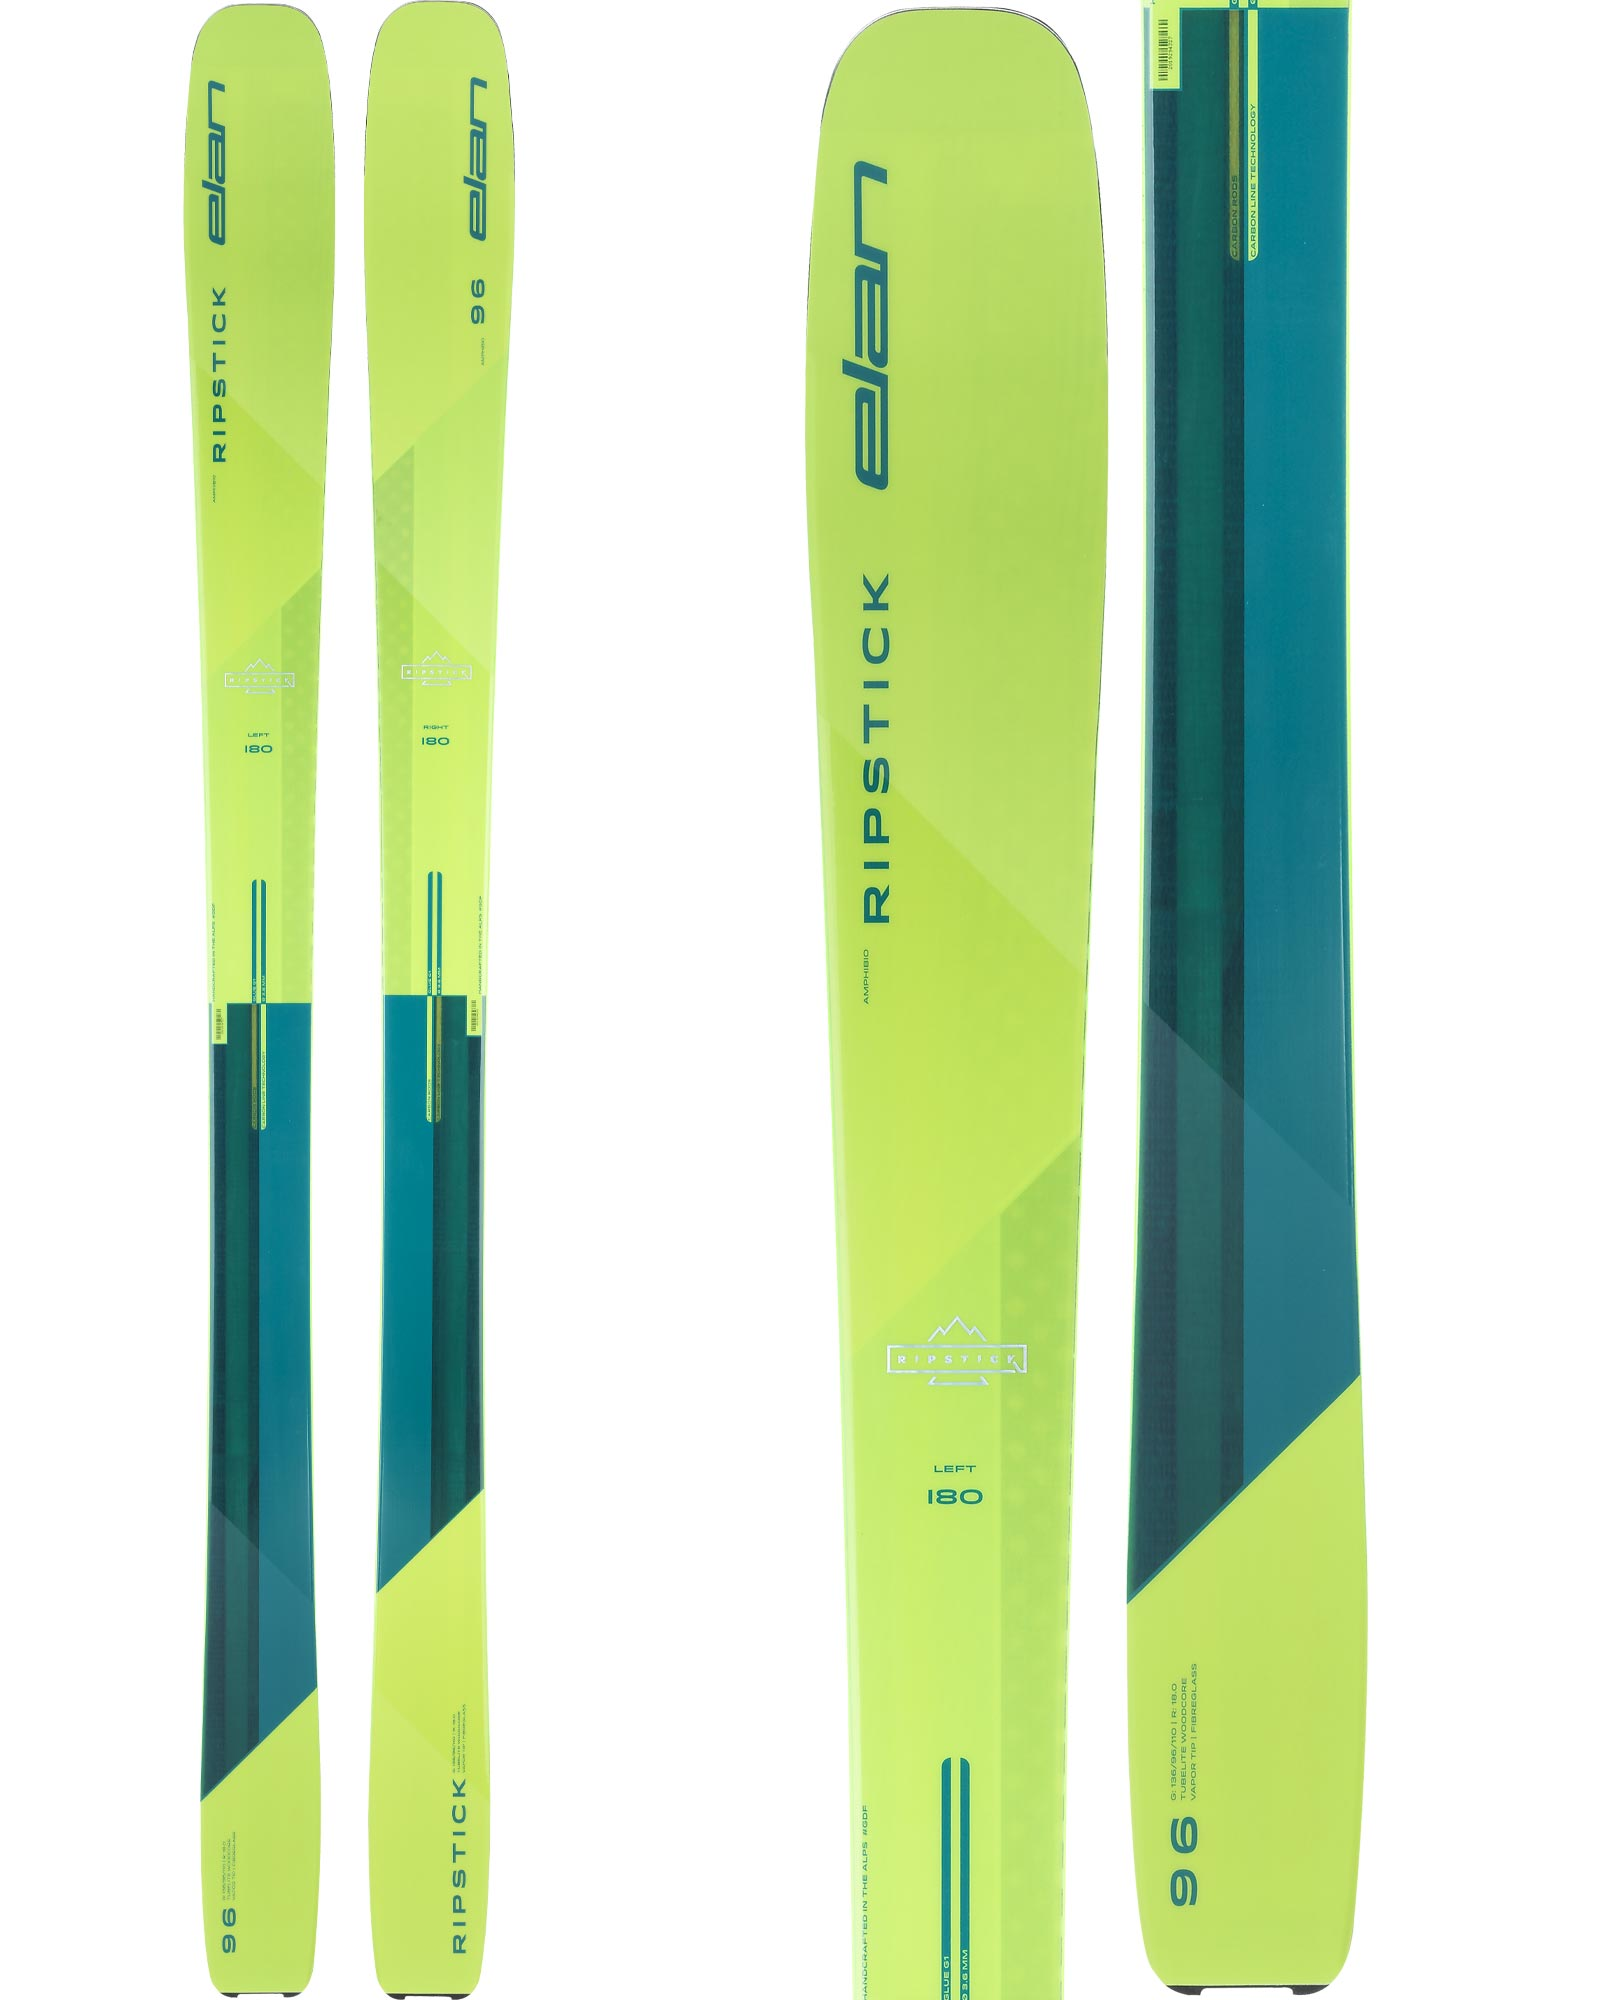 Elan Men's Ripstick 96 Freeride Skis 2020 / 2021 0